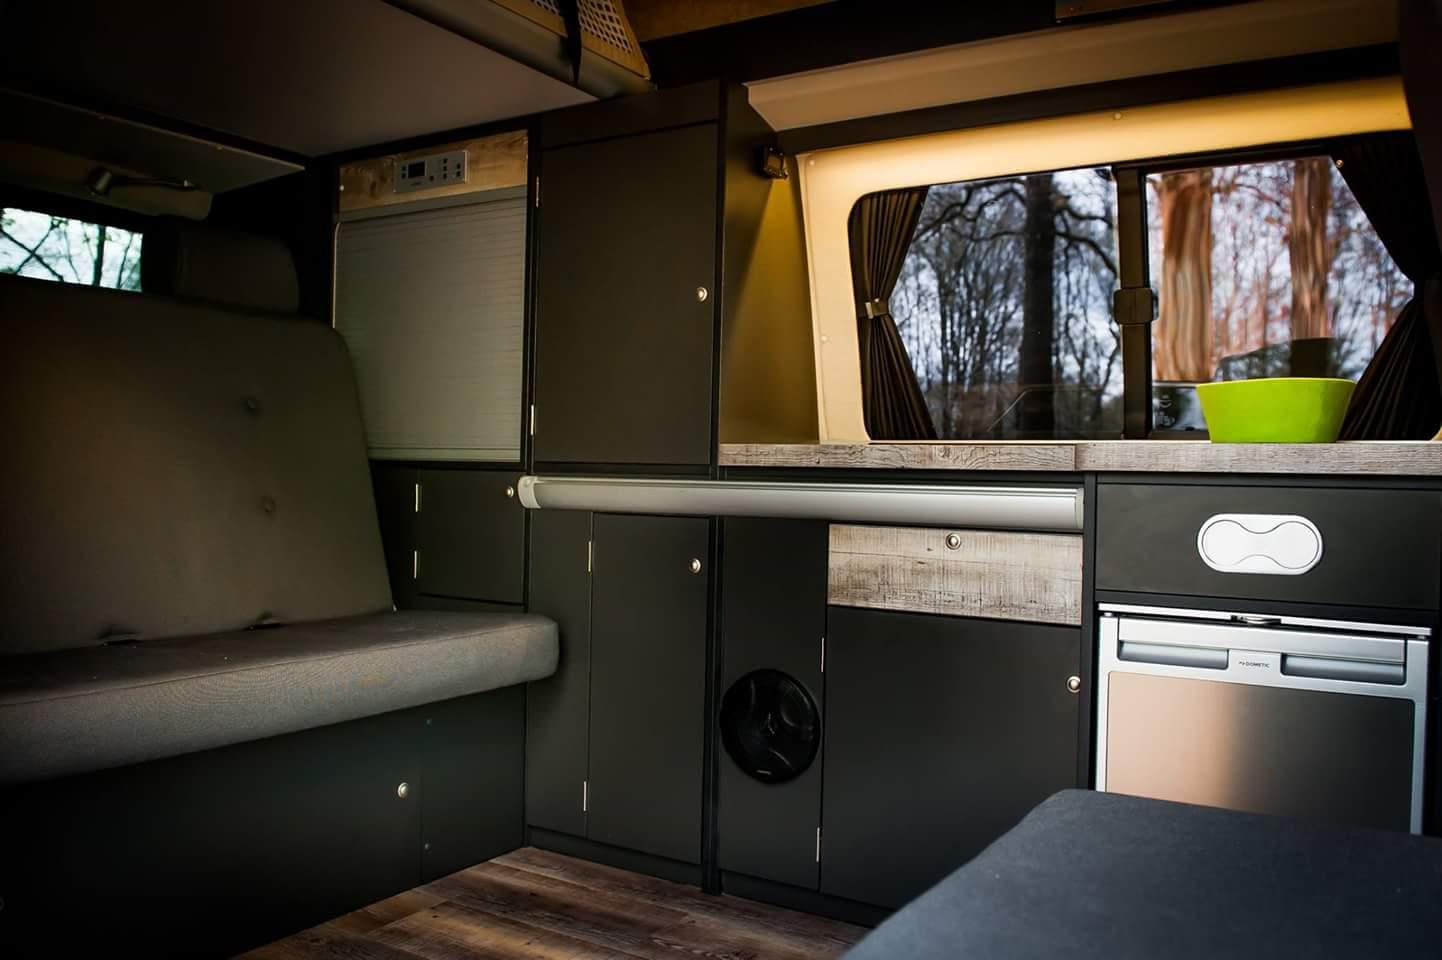 bs camperwerk ausbau jeglicher fahrzeuge zum wohnmobil. Black Bedroom Furniture Sets. Home Design Ideas